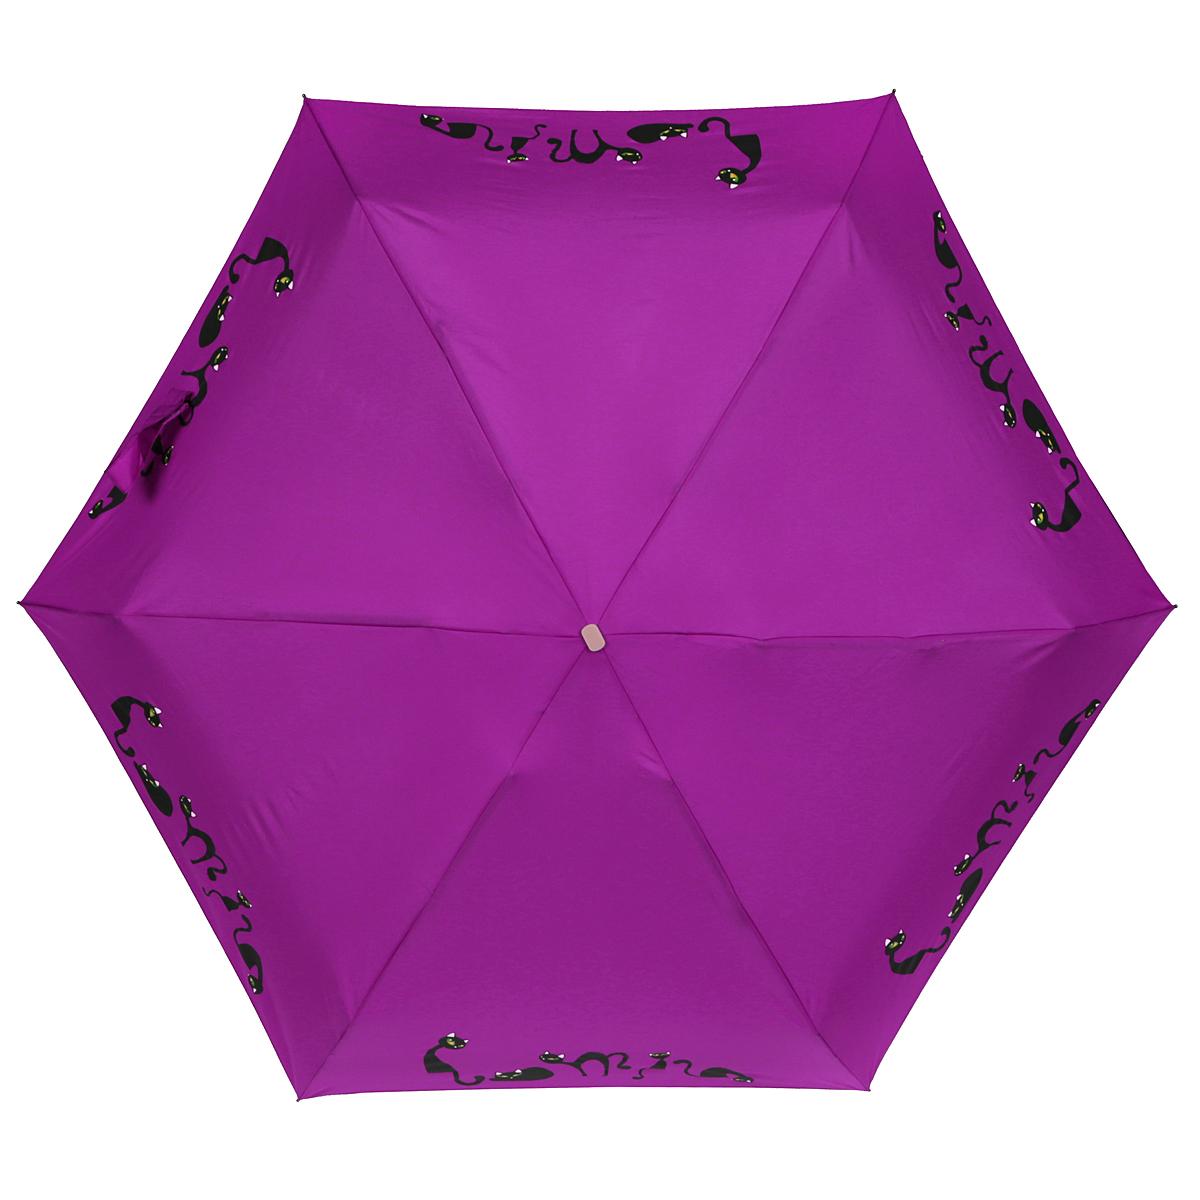 Зонт женский Zest, механический, 5 сложений, цвет: фиолетовый. 25569-1023 зонт zest umbrellas 21629 21629 1023